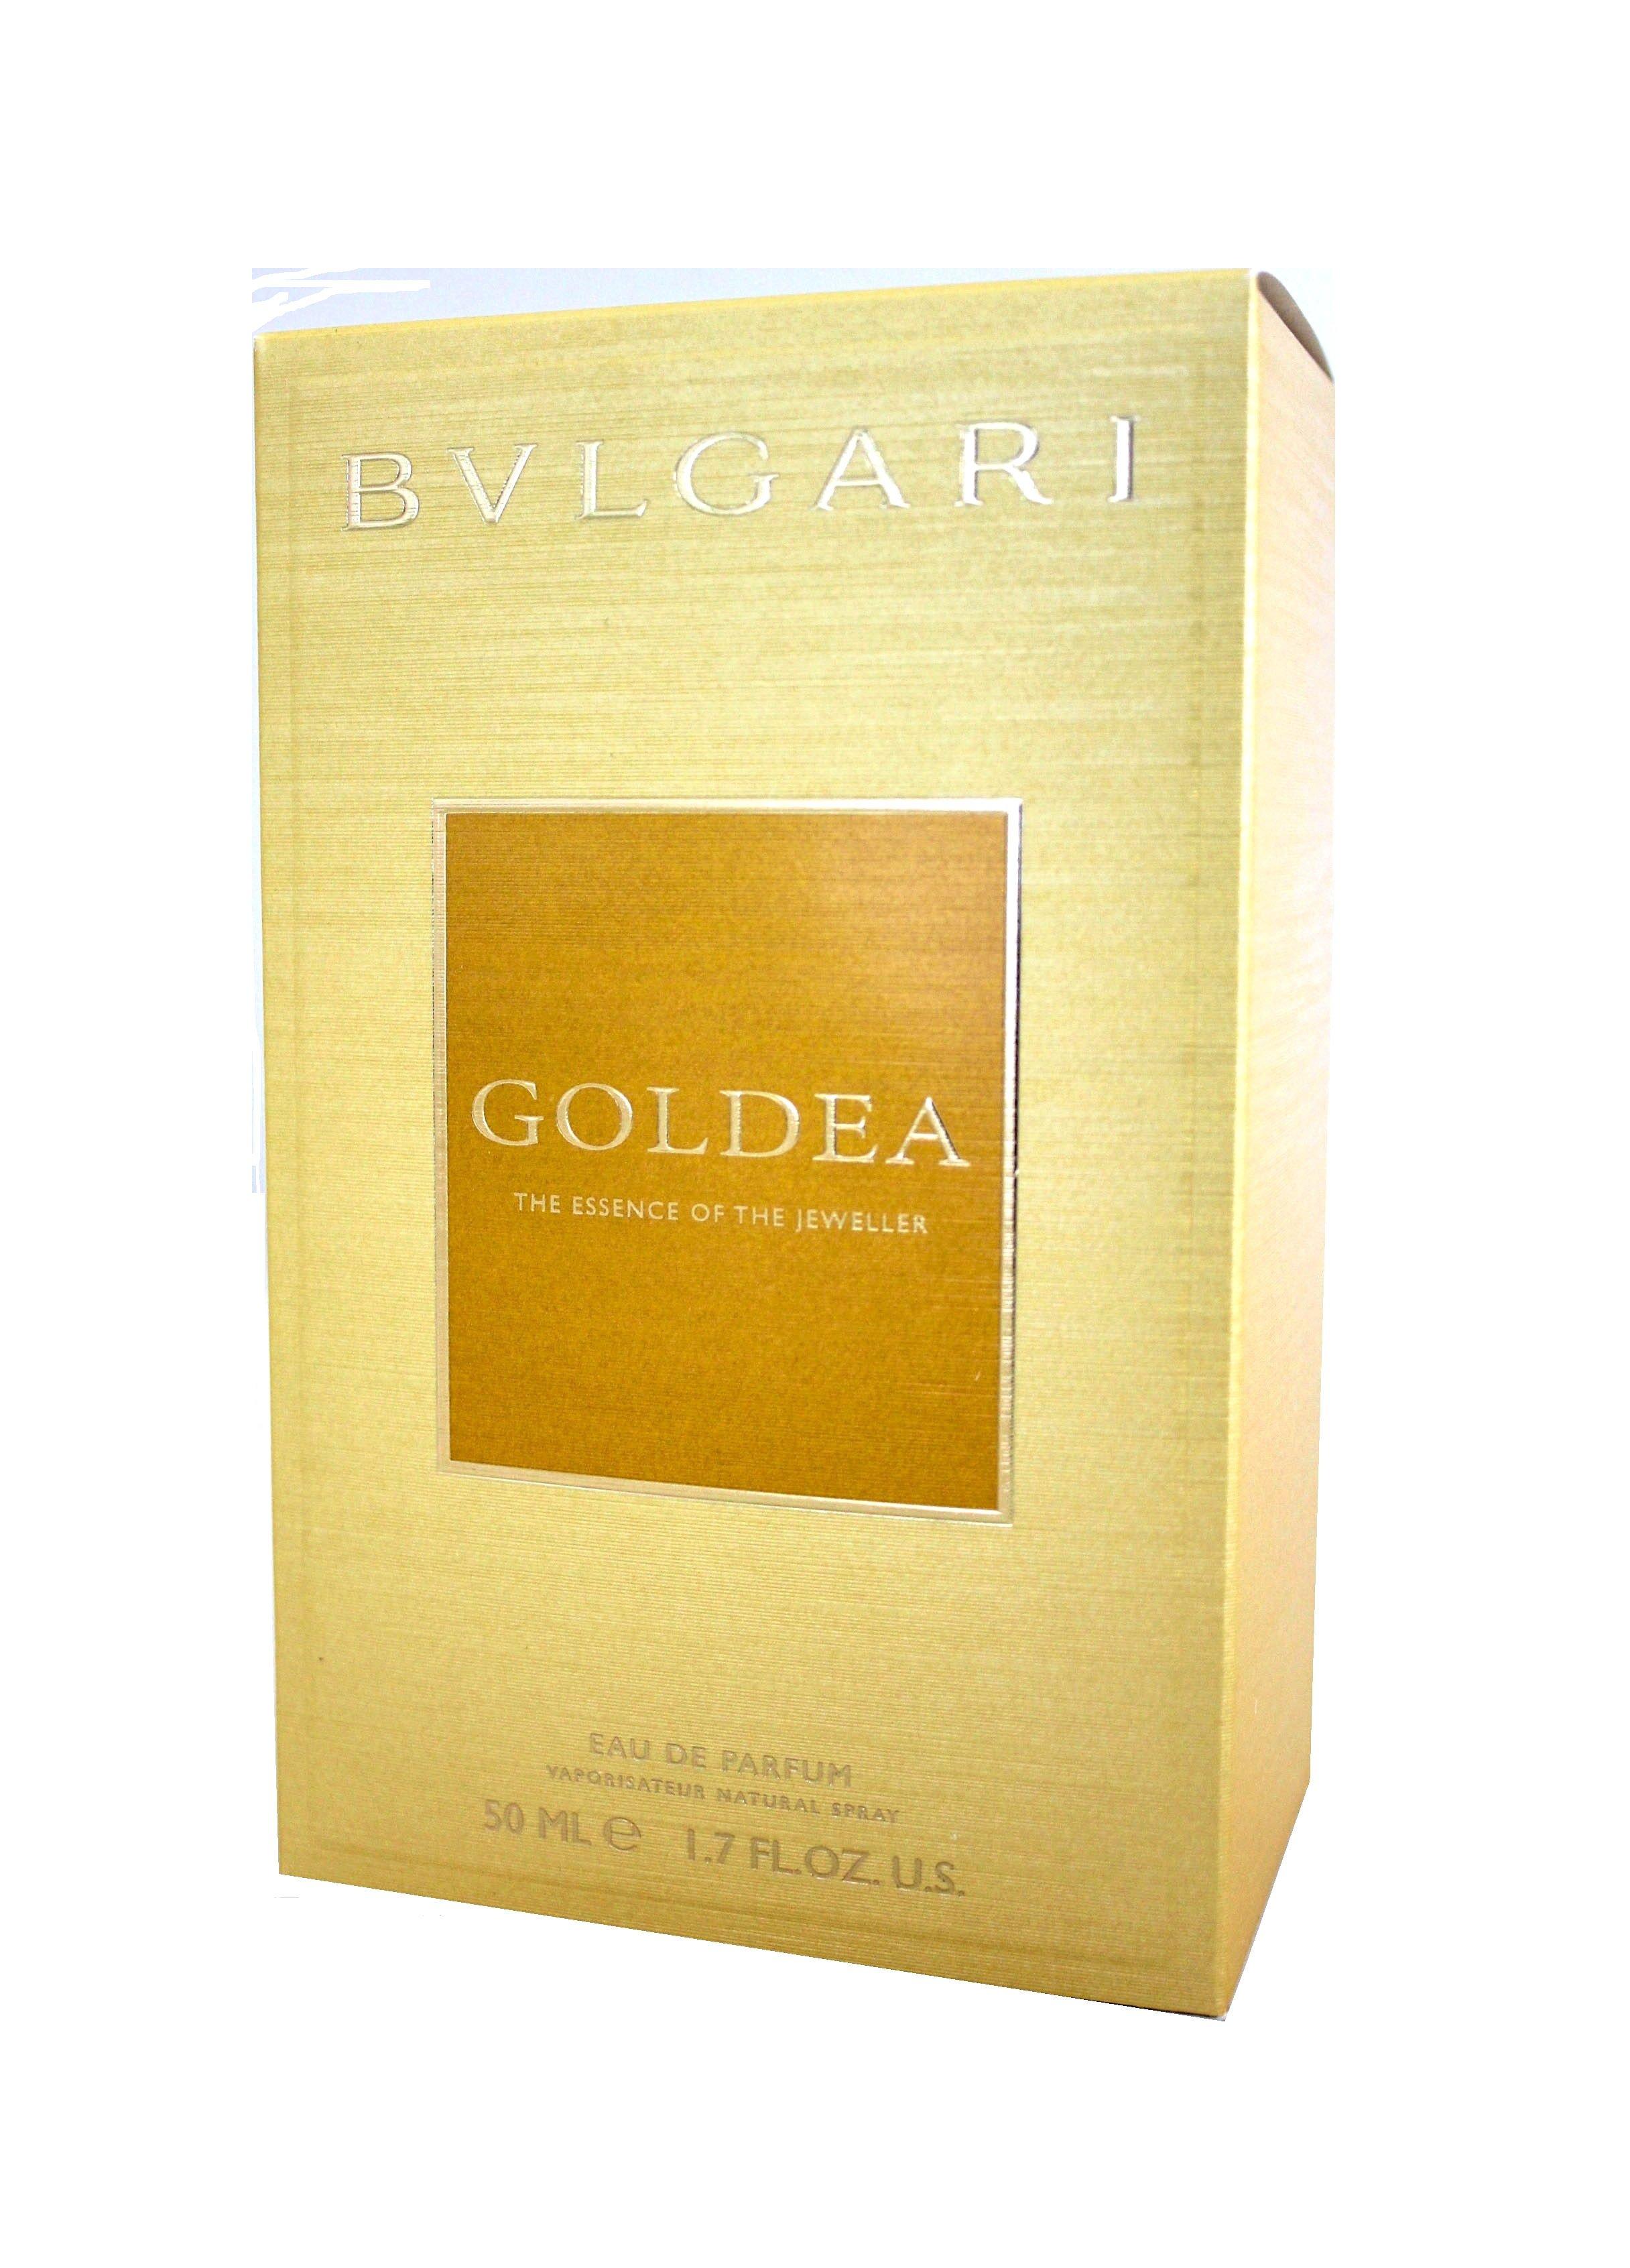 Bvlgari Goldea Eau de Parfum